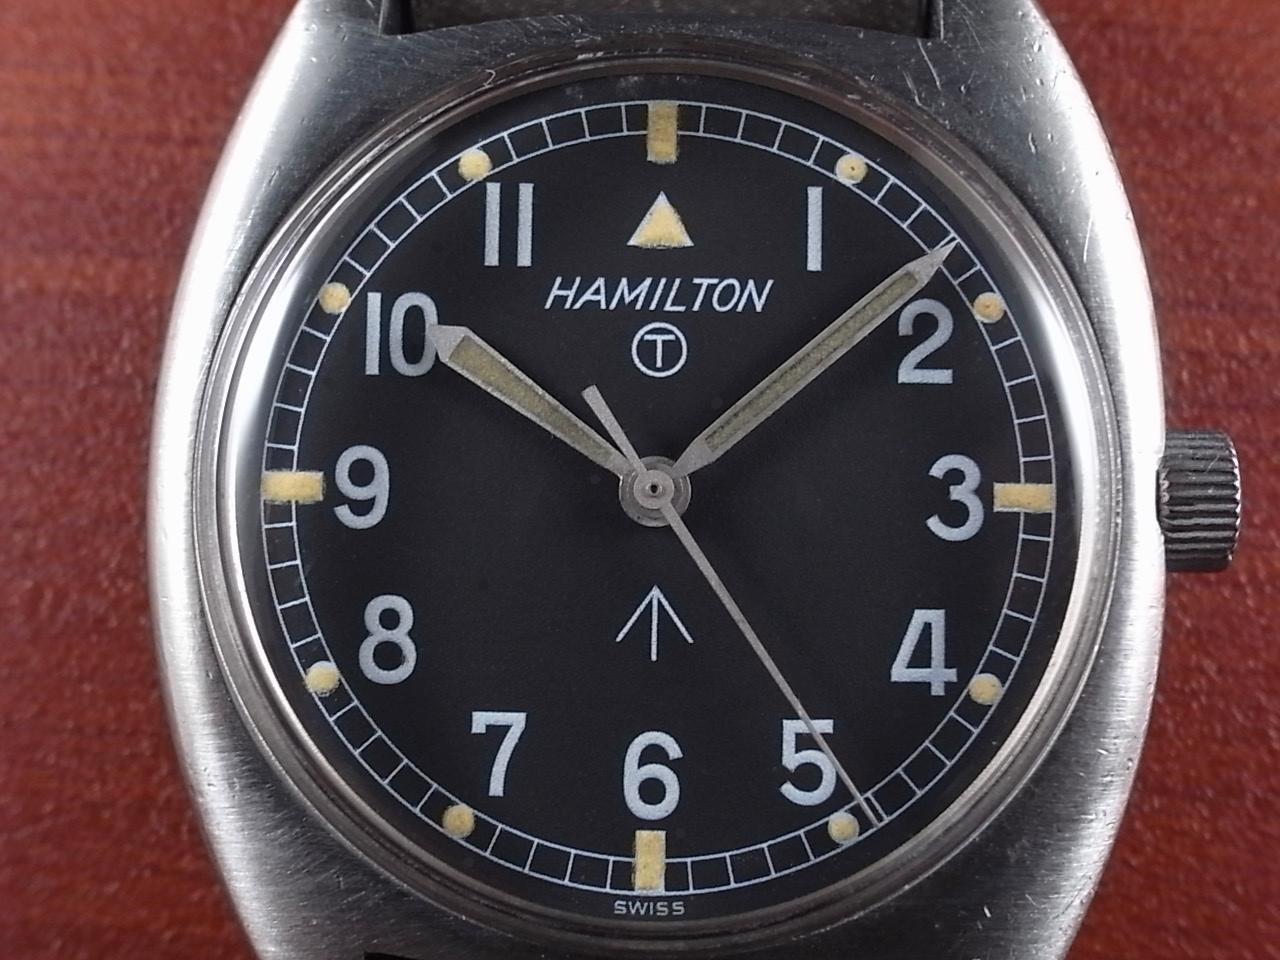 ハミルトン 軍用時計 イギリス陸軍 W10 トノーケース 1970年代の写真2枚目